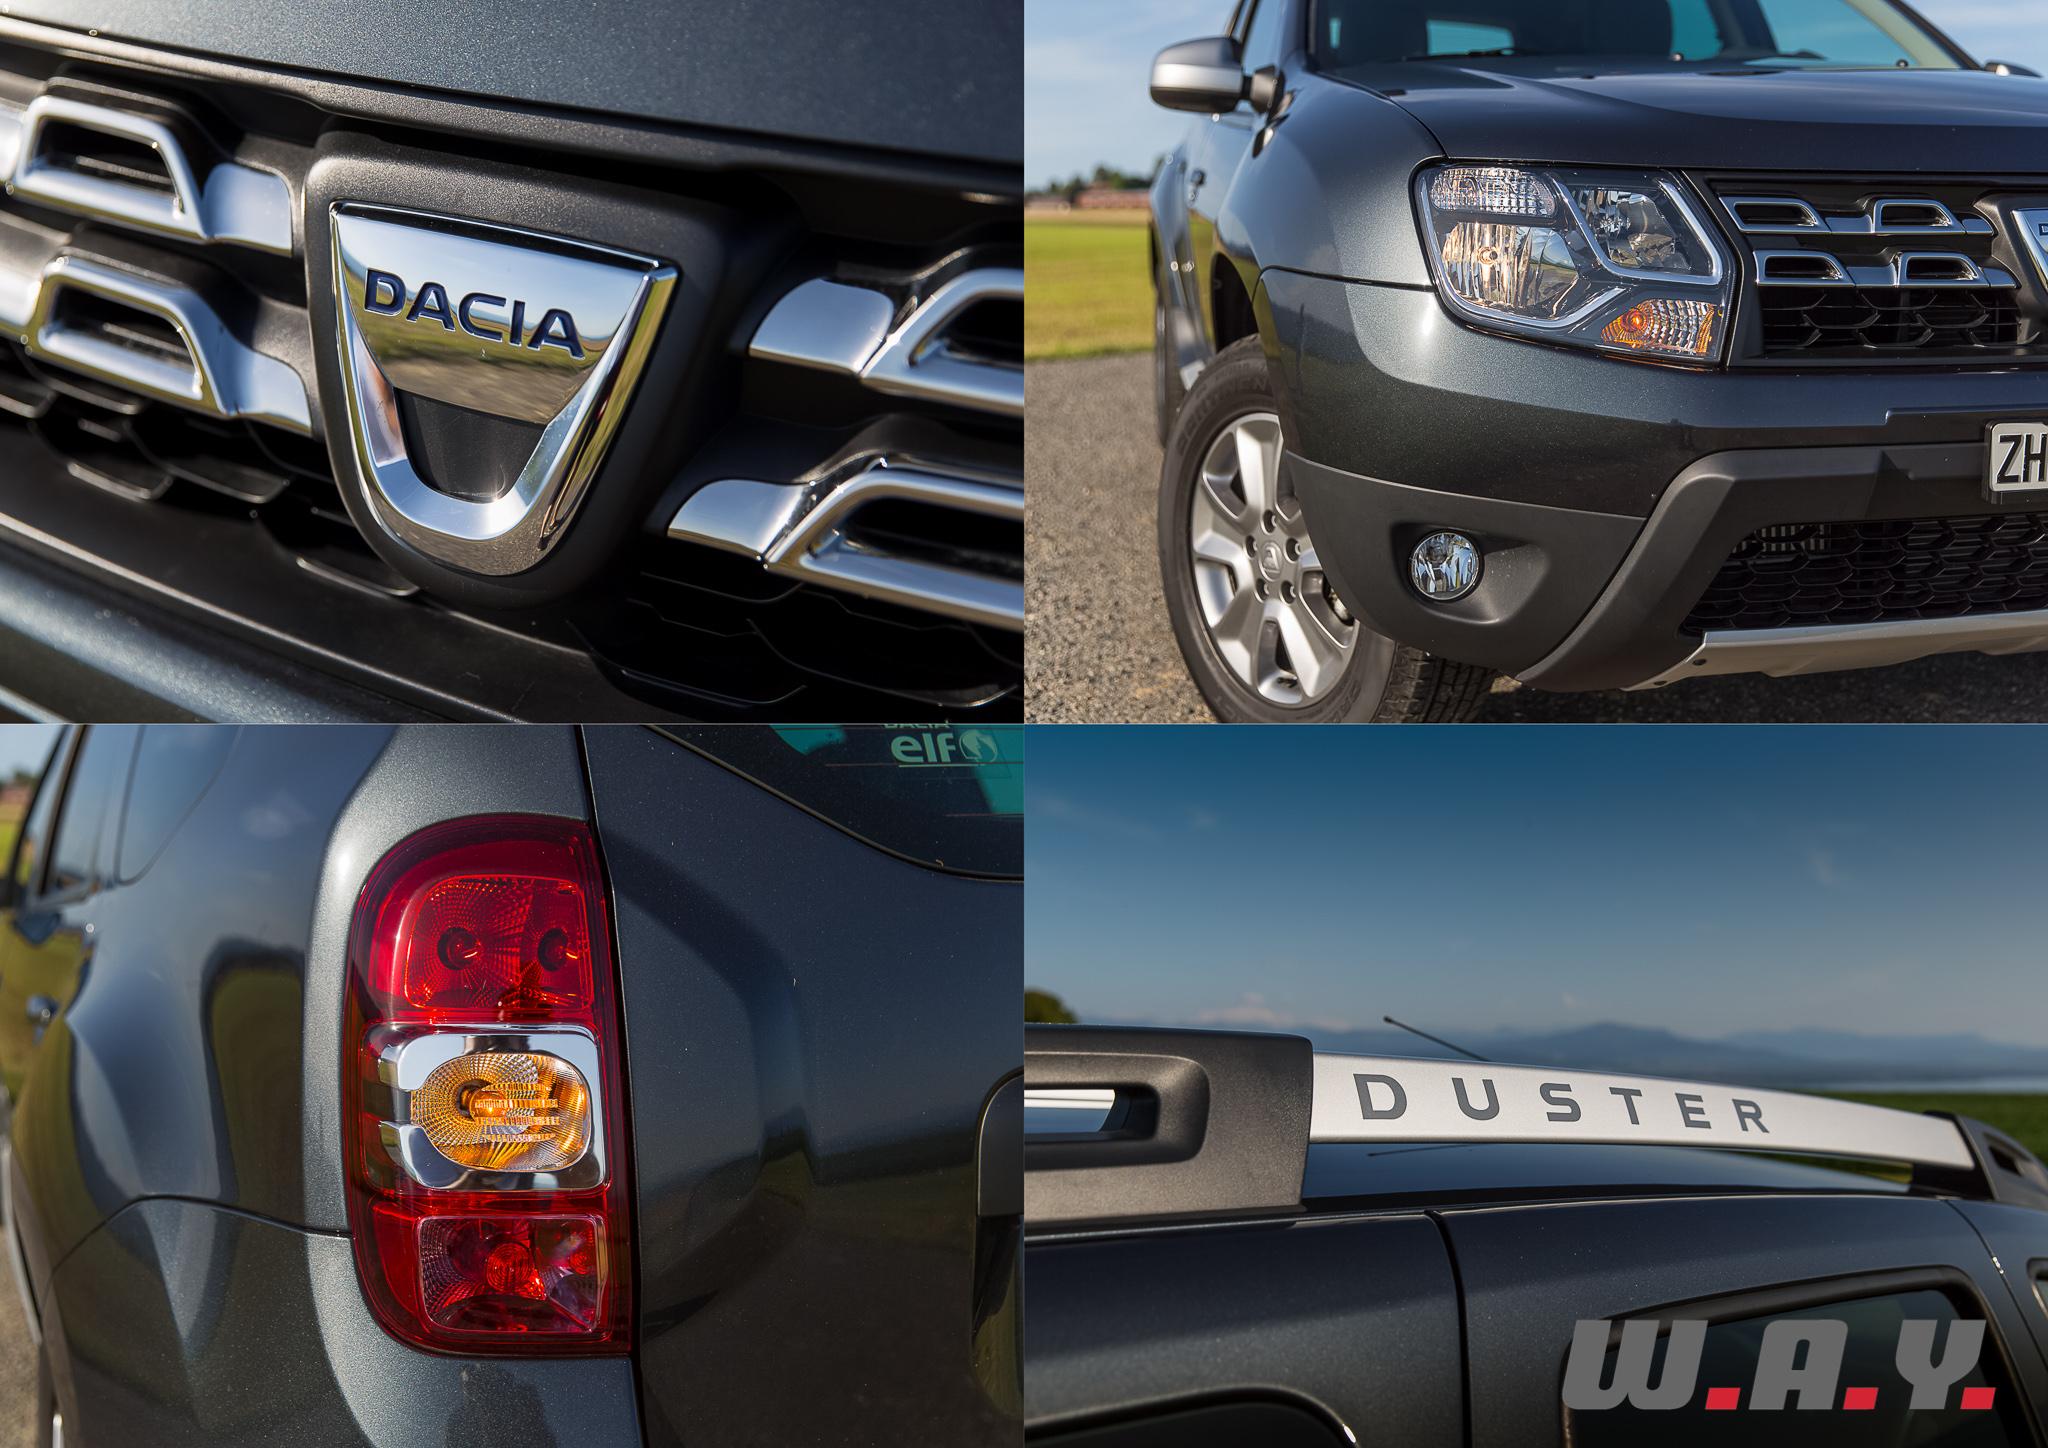 DaciaDuster-4